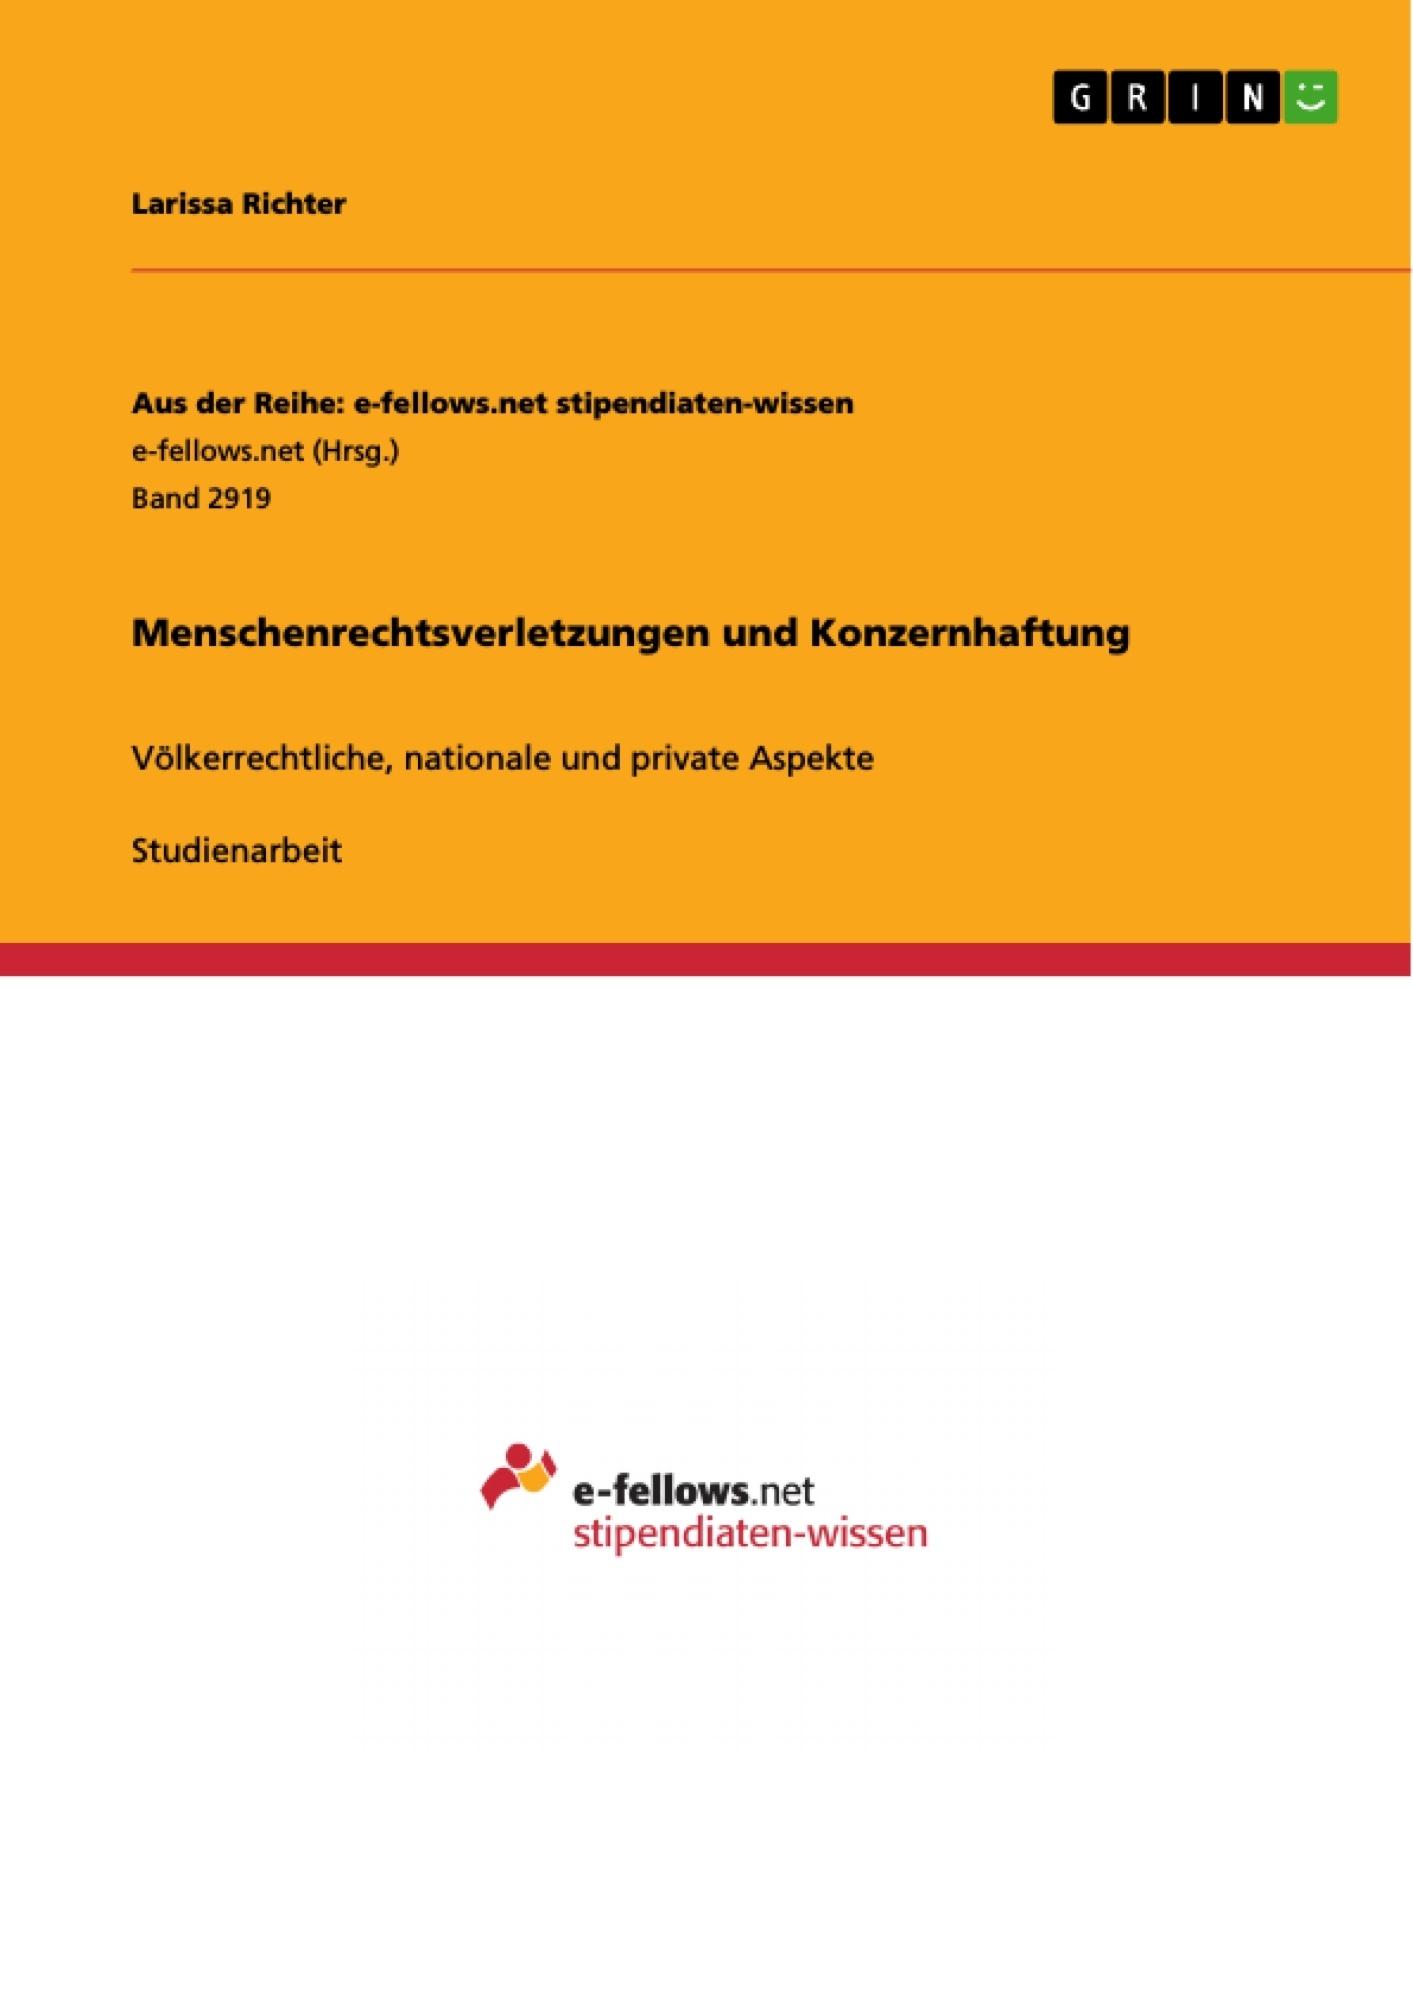 Titel: Menschenrechtsverletzungen und Konzernhaftung